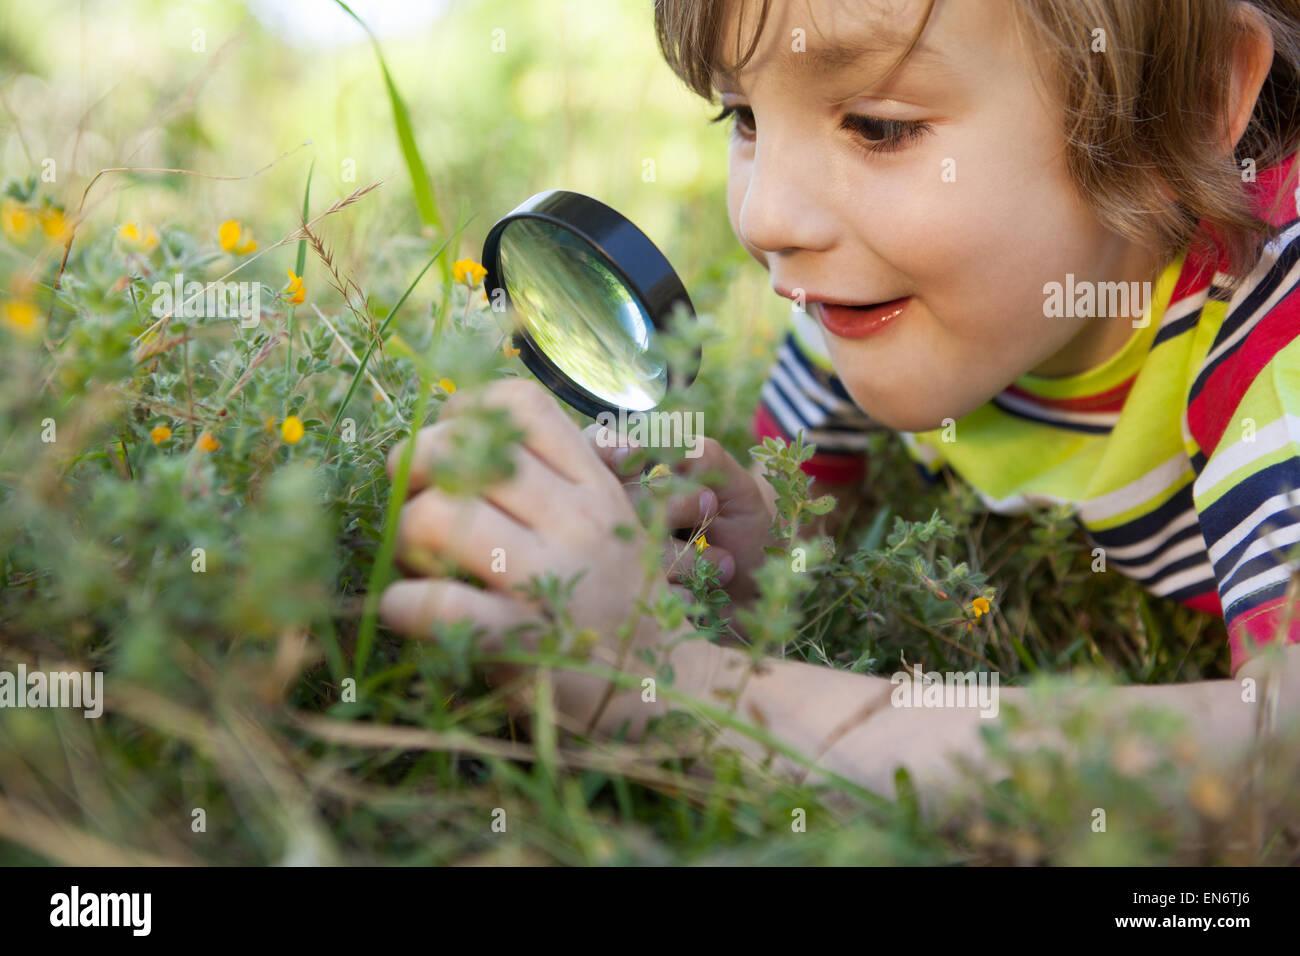 Poco feliz Chico mirando a través de una lupa Imagen De Stock